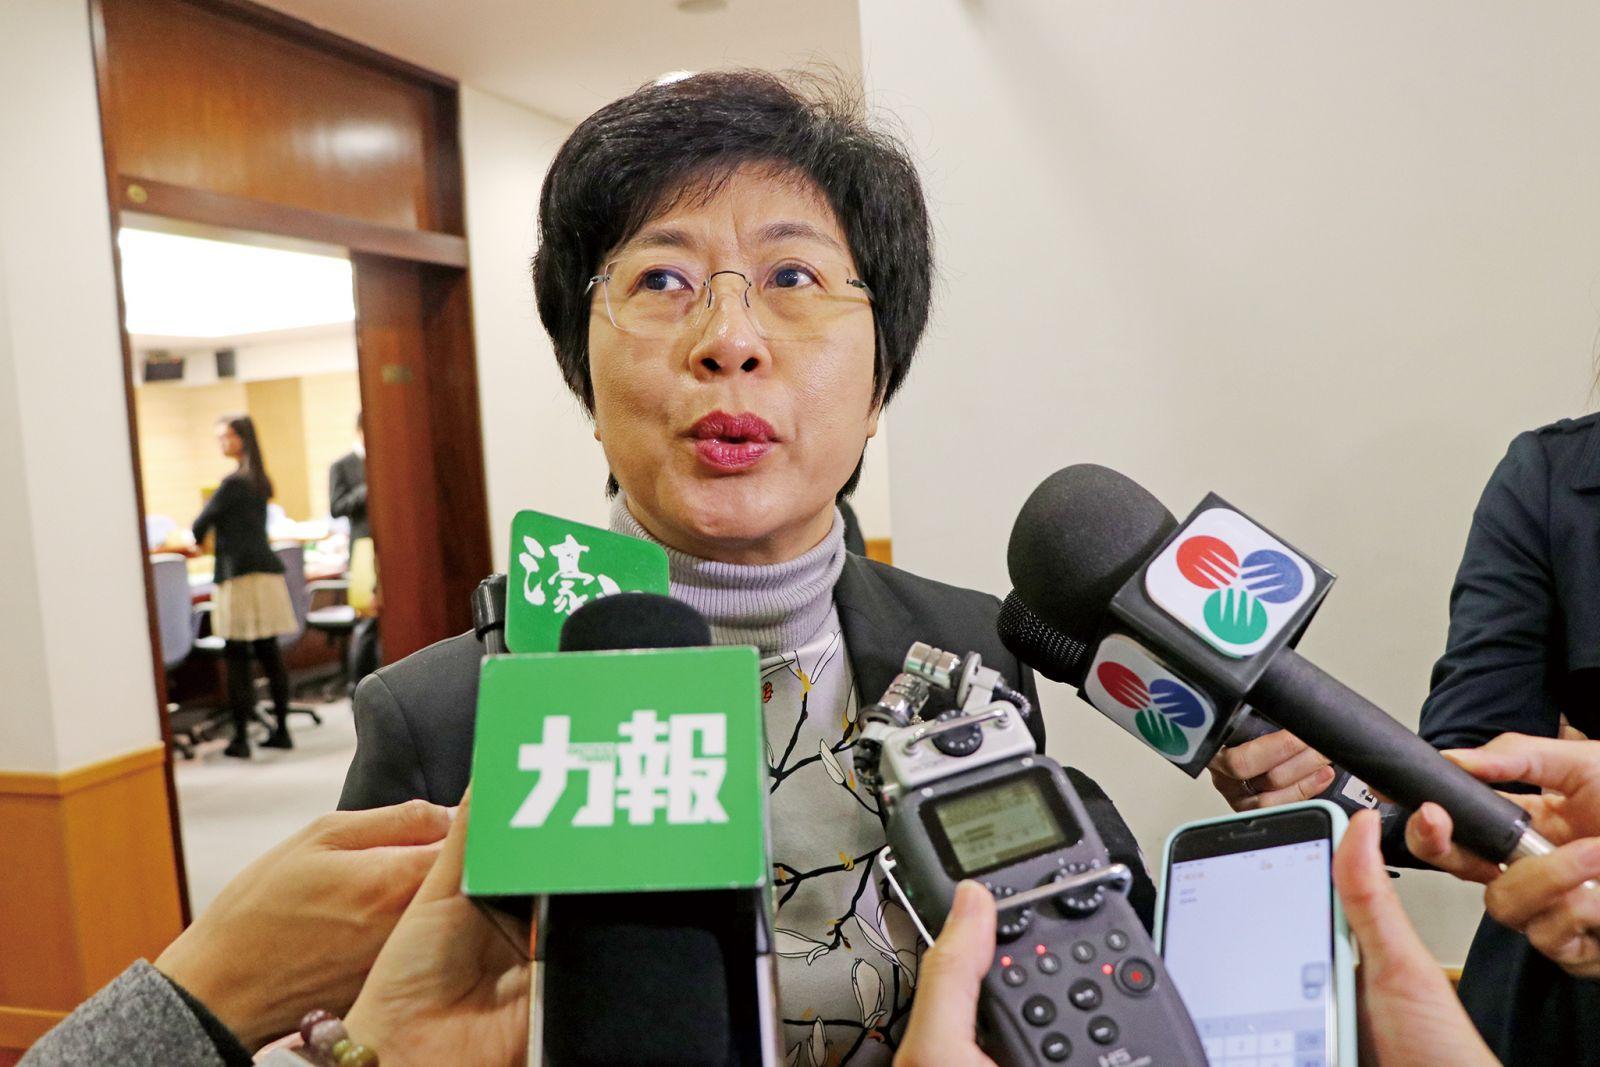 陳海帆:市政署預審員全權決定